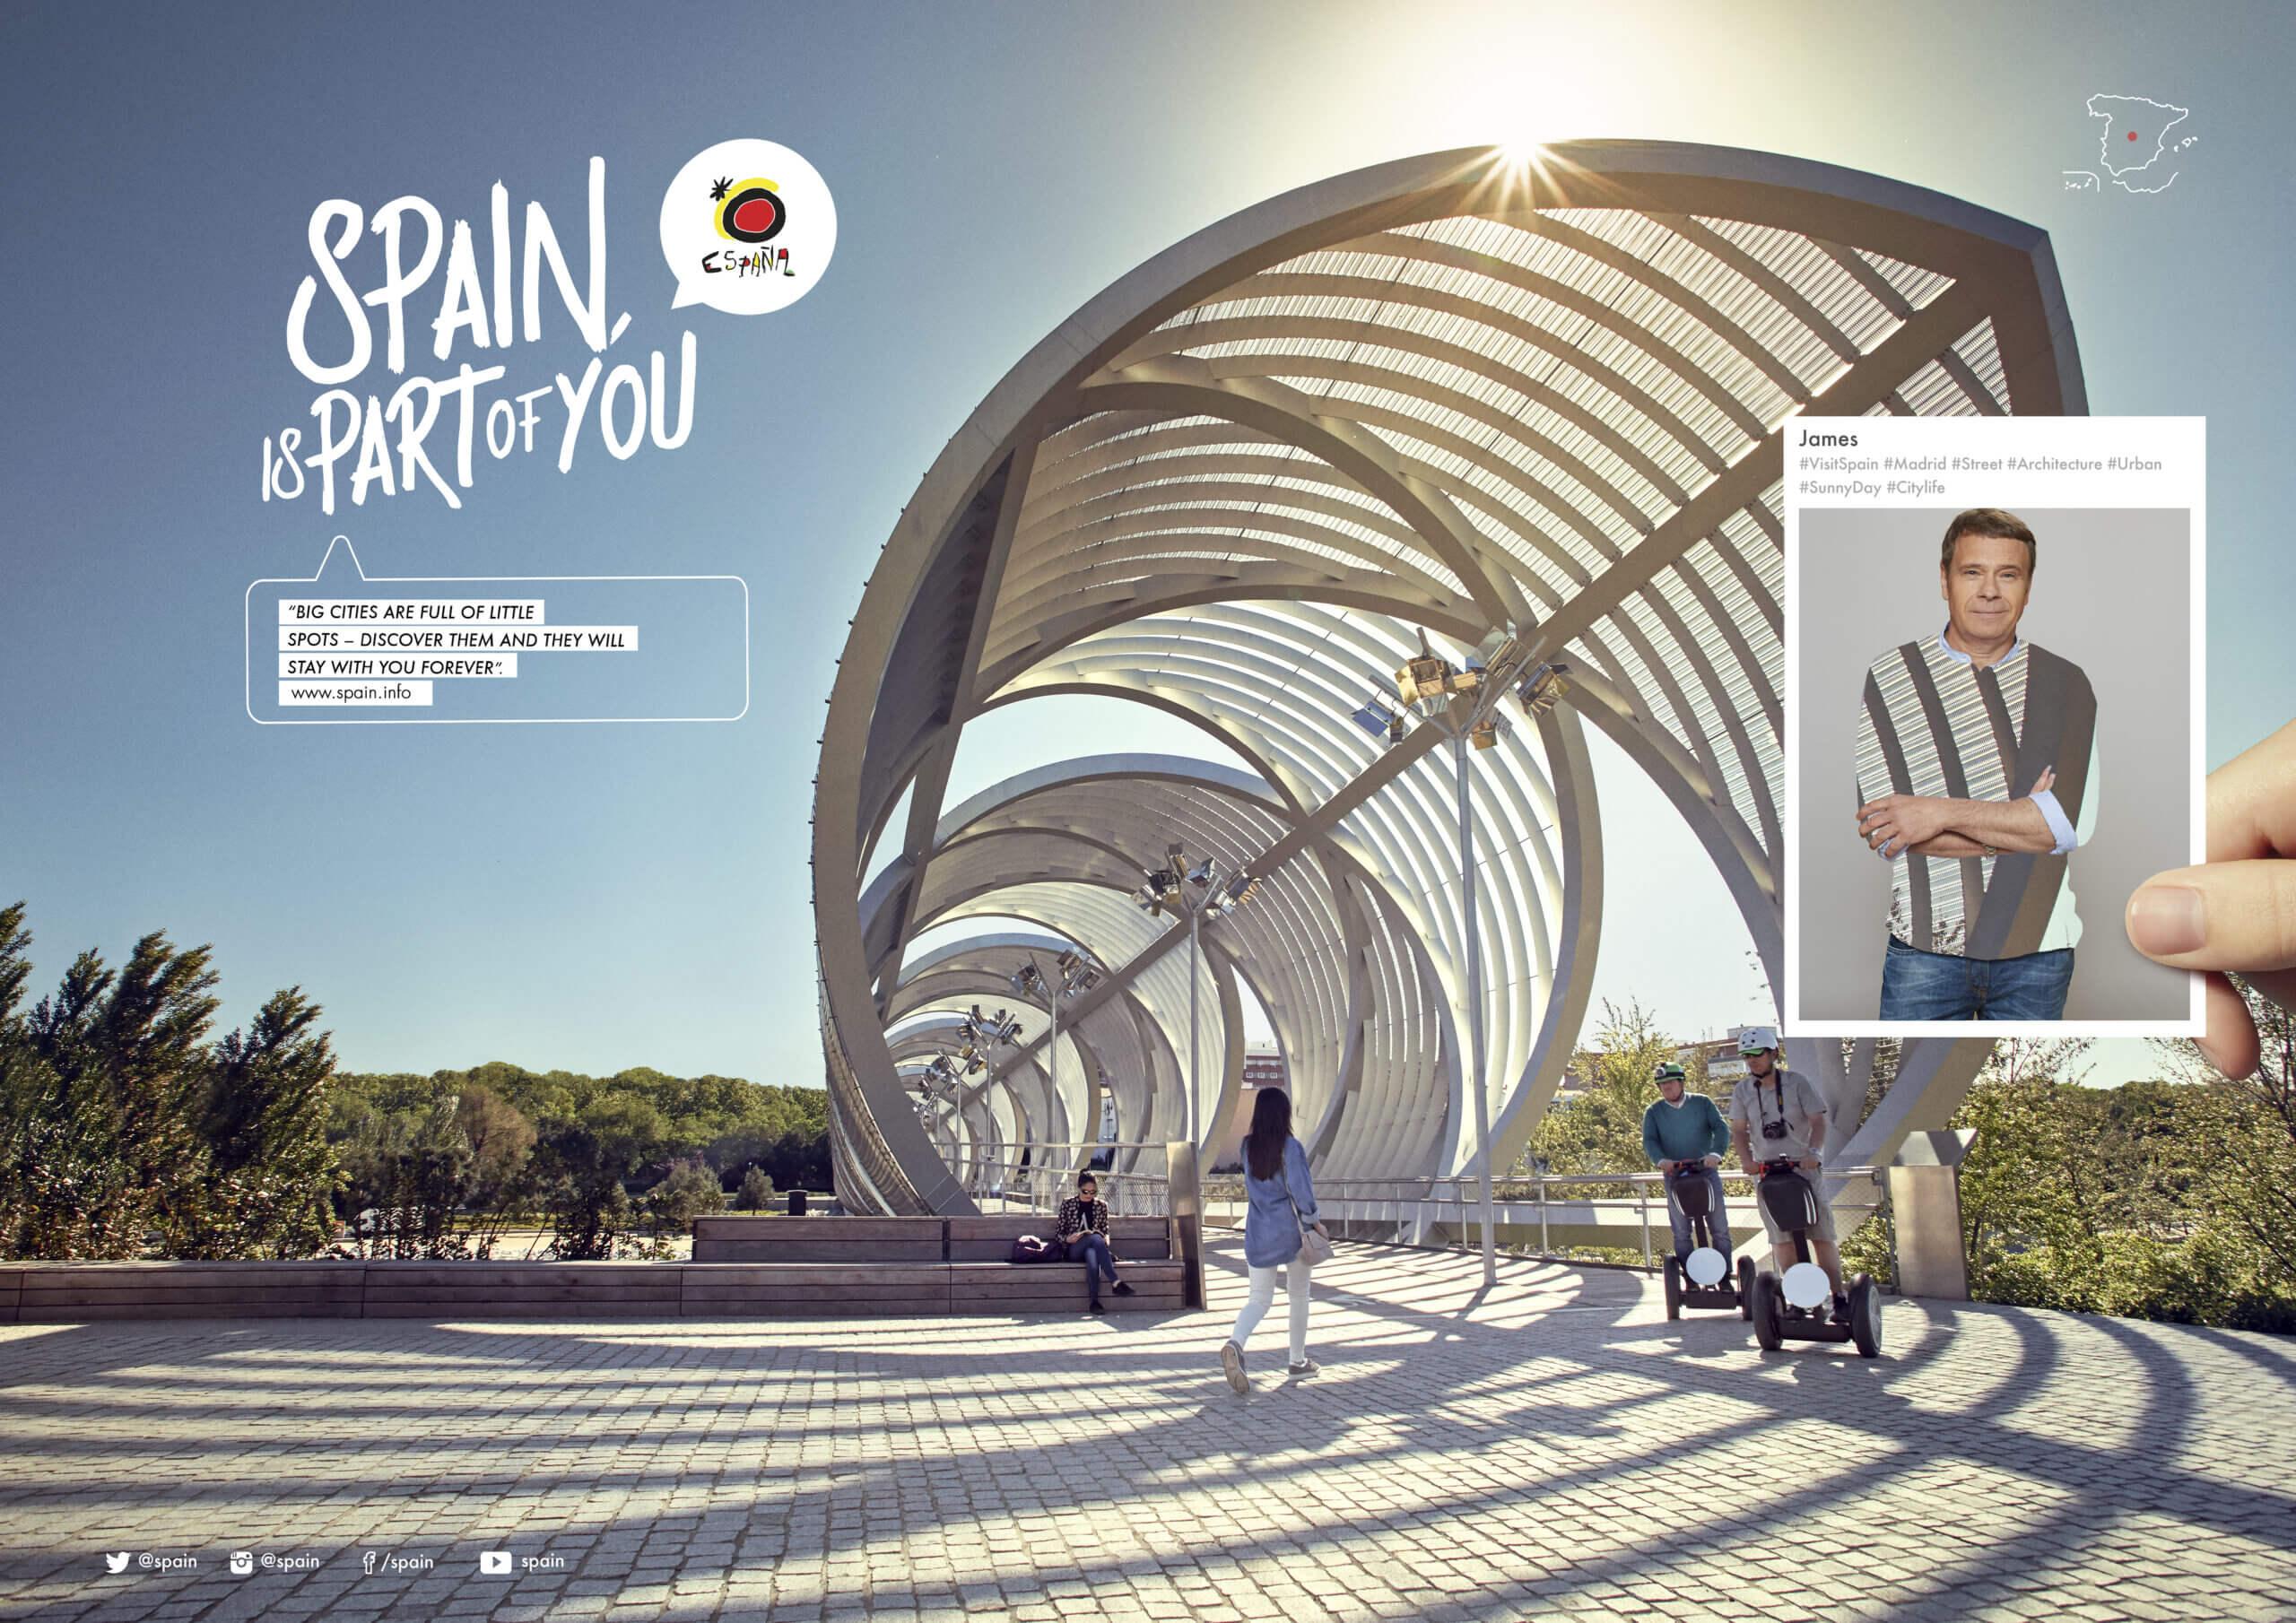 TURESPAÑA: España es parte de ti 3